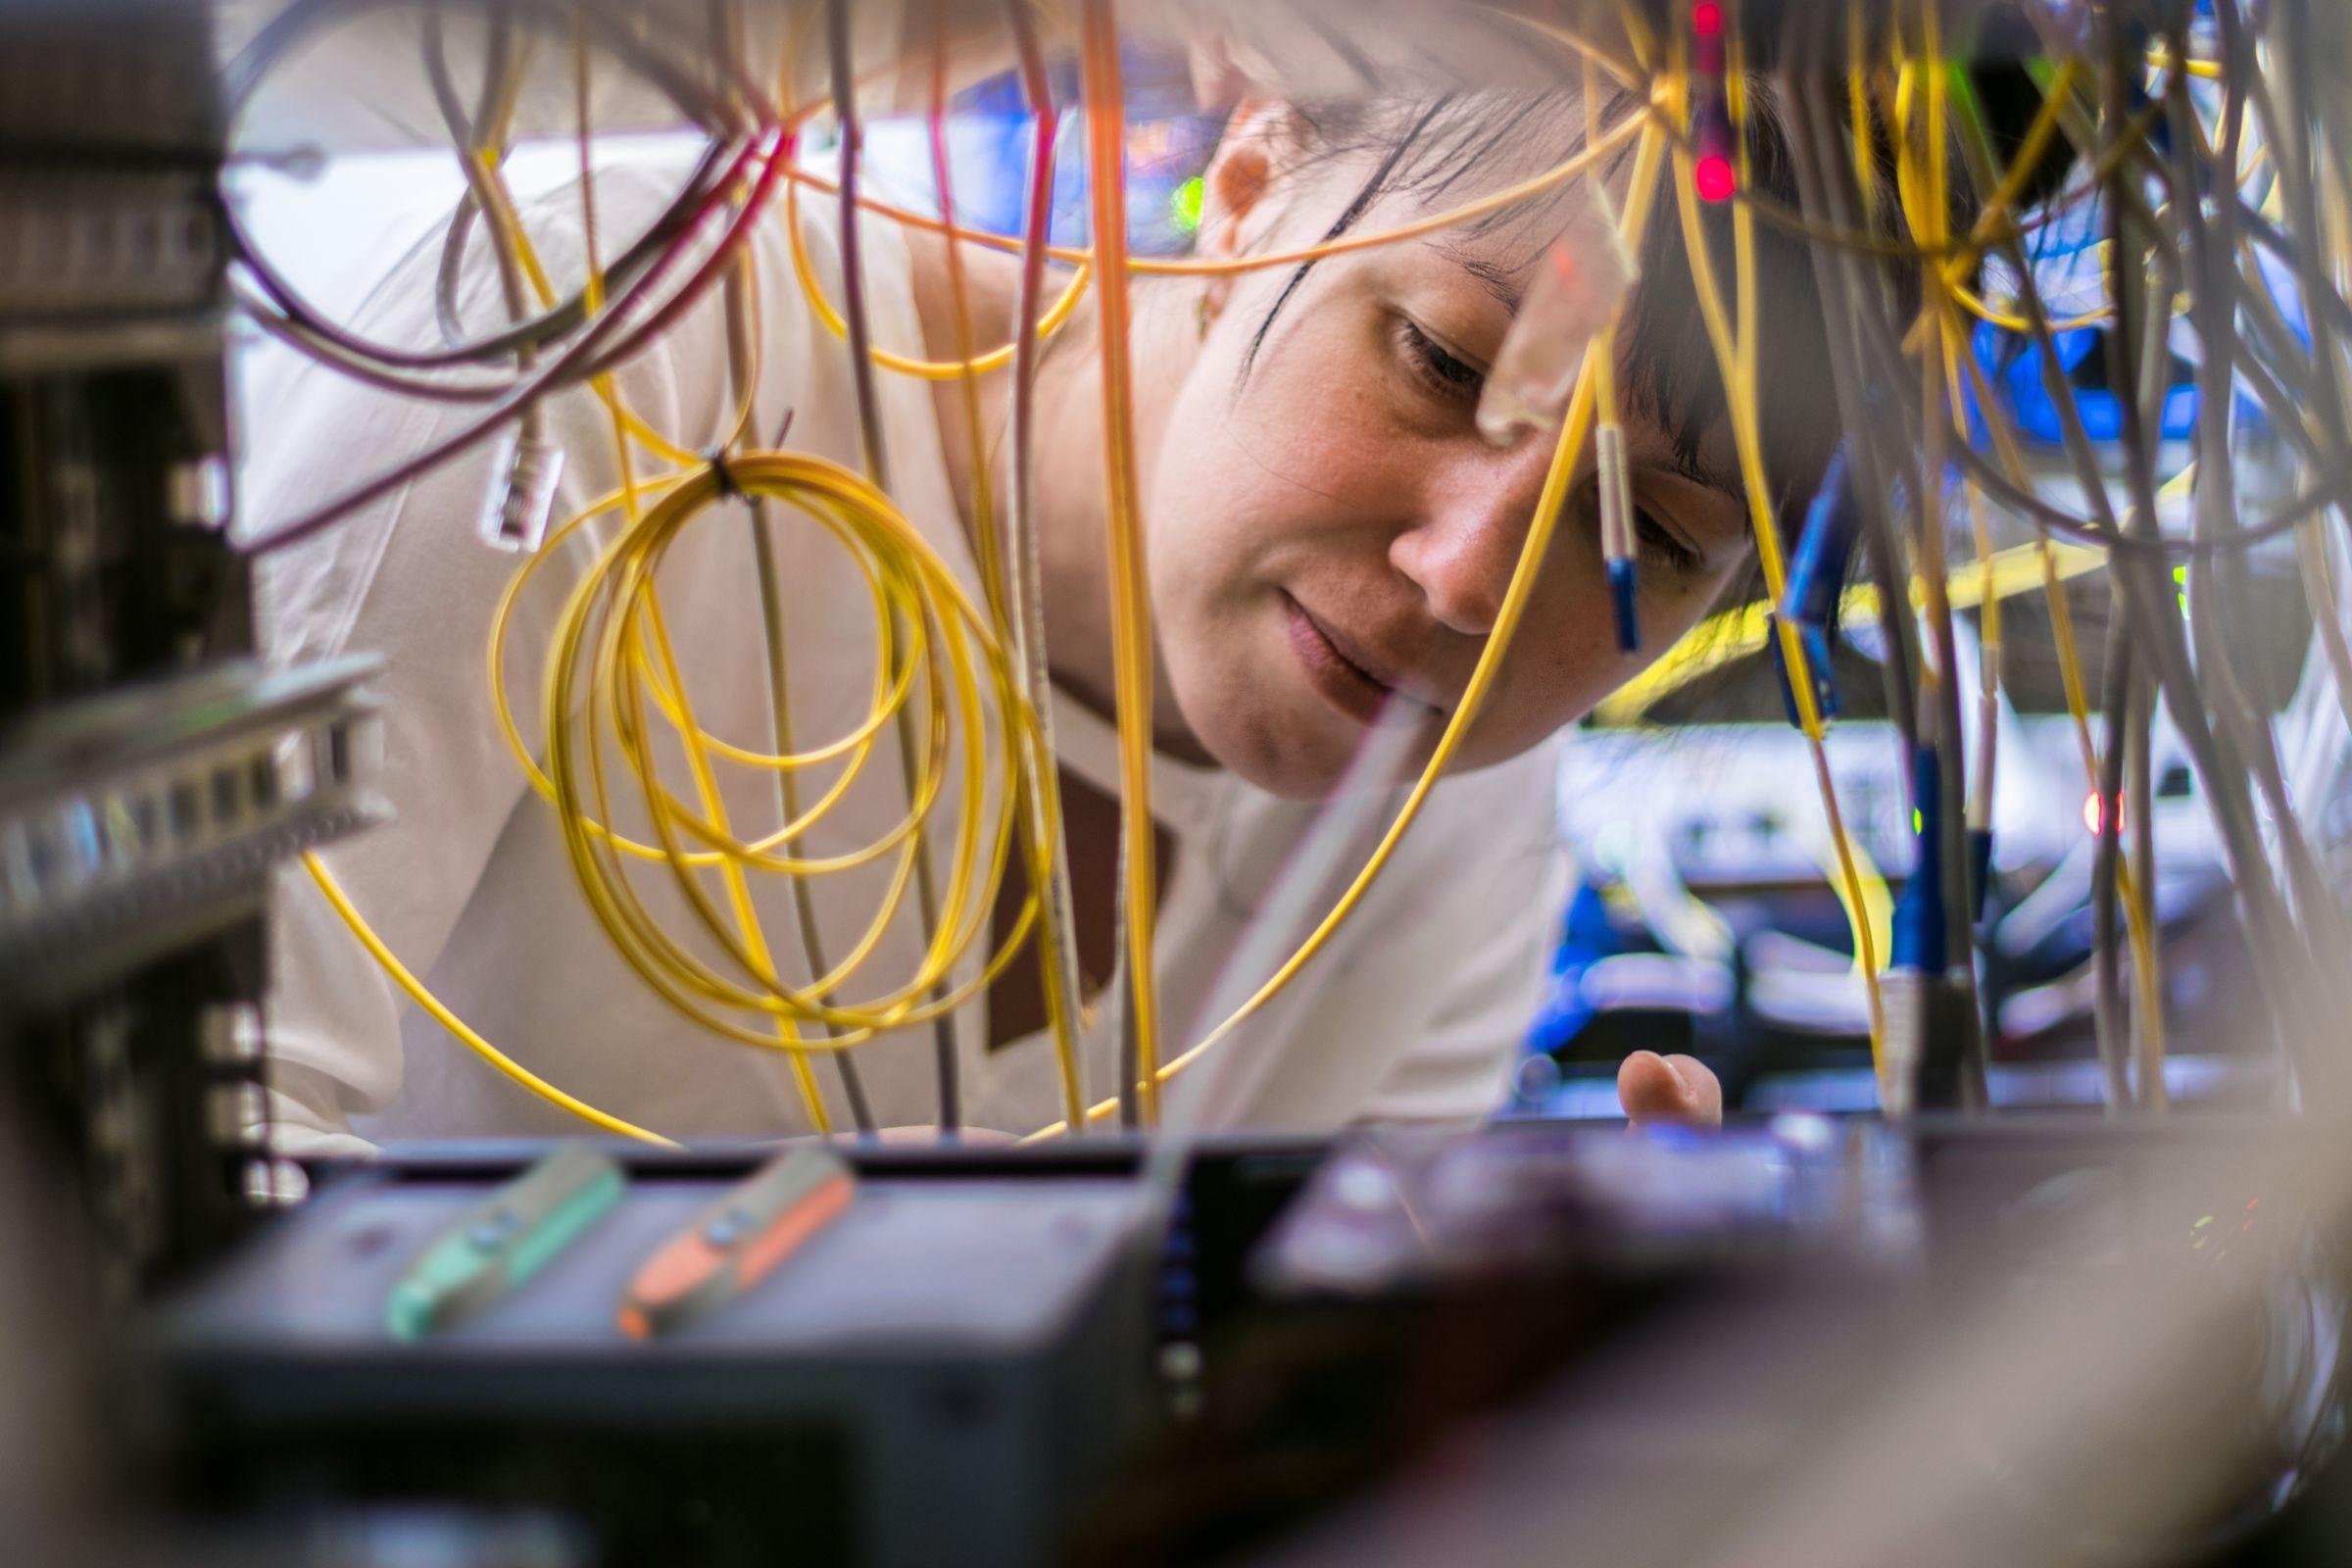 Esta categoría incluye la prueba BERT, el centro de prueba de fibra óptica y la herramienta de prueba óptica.